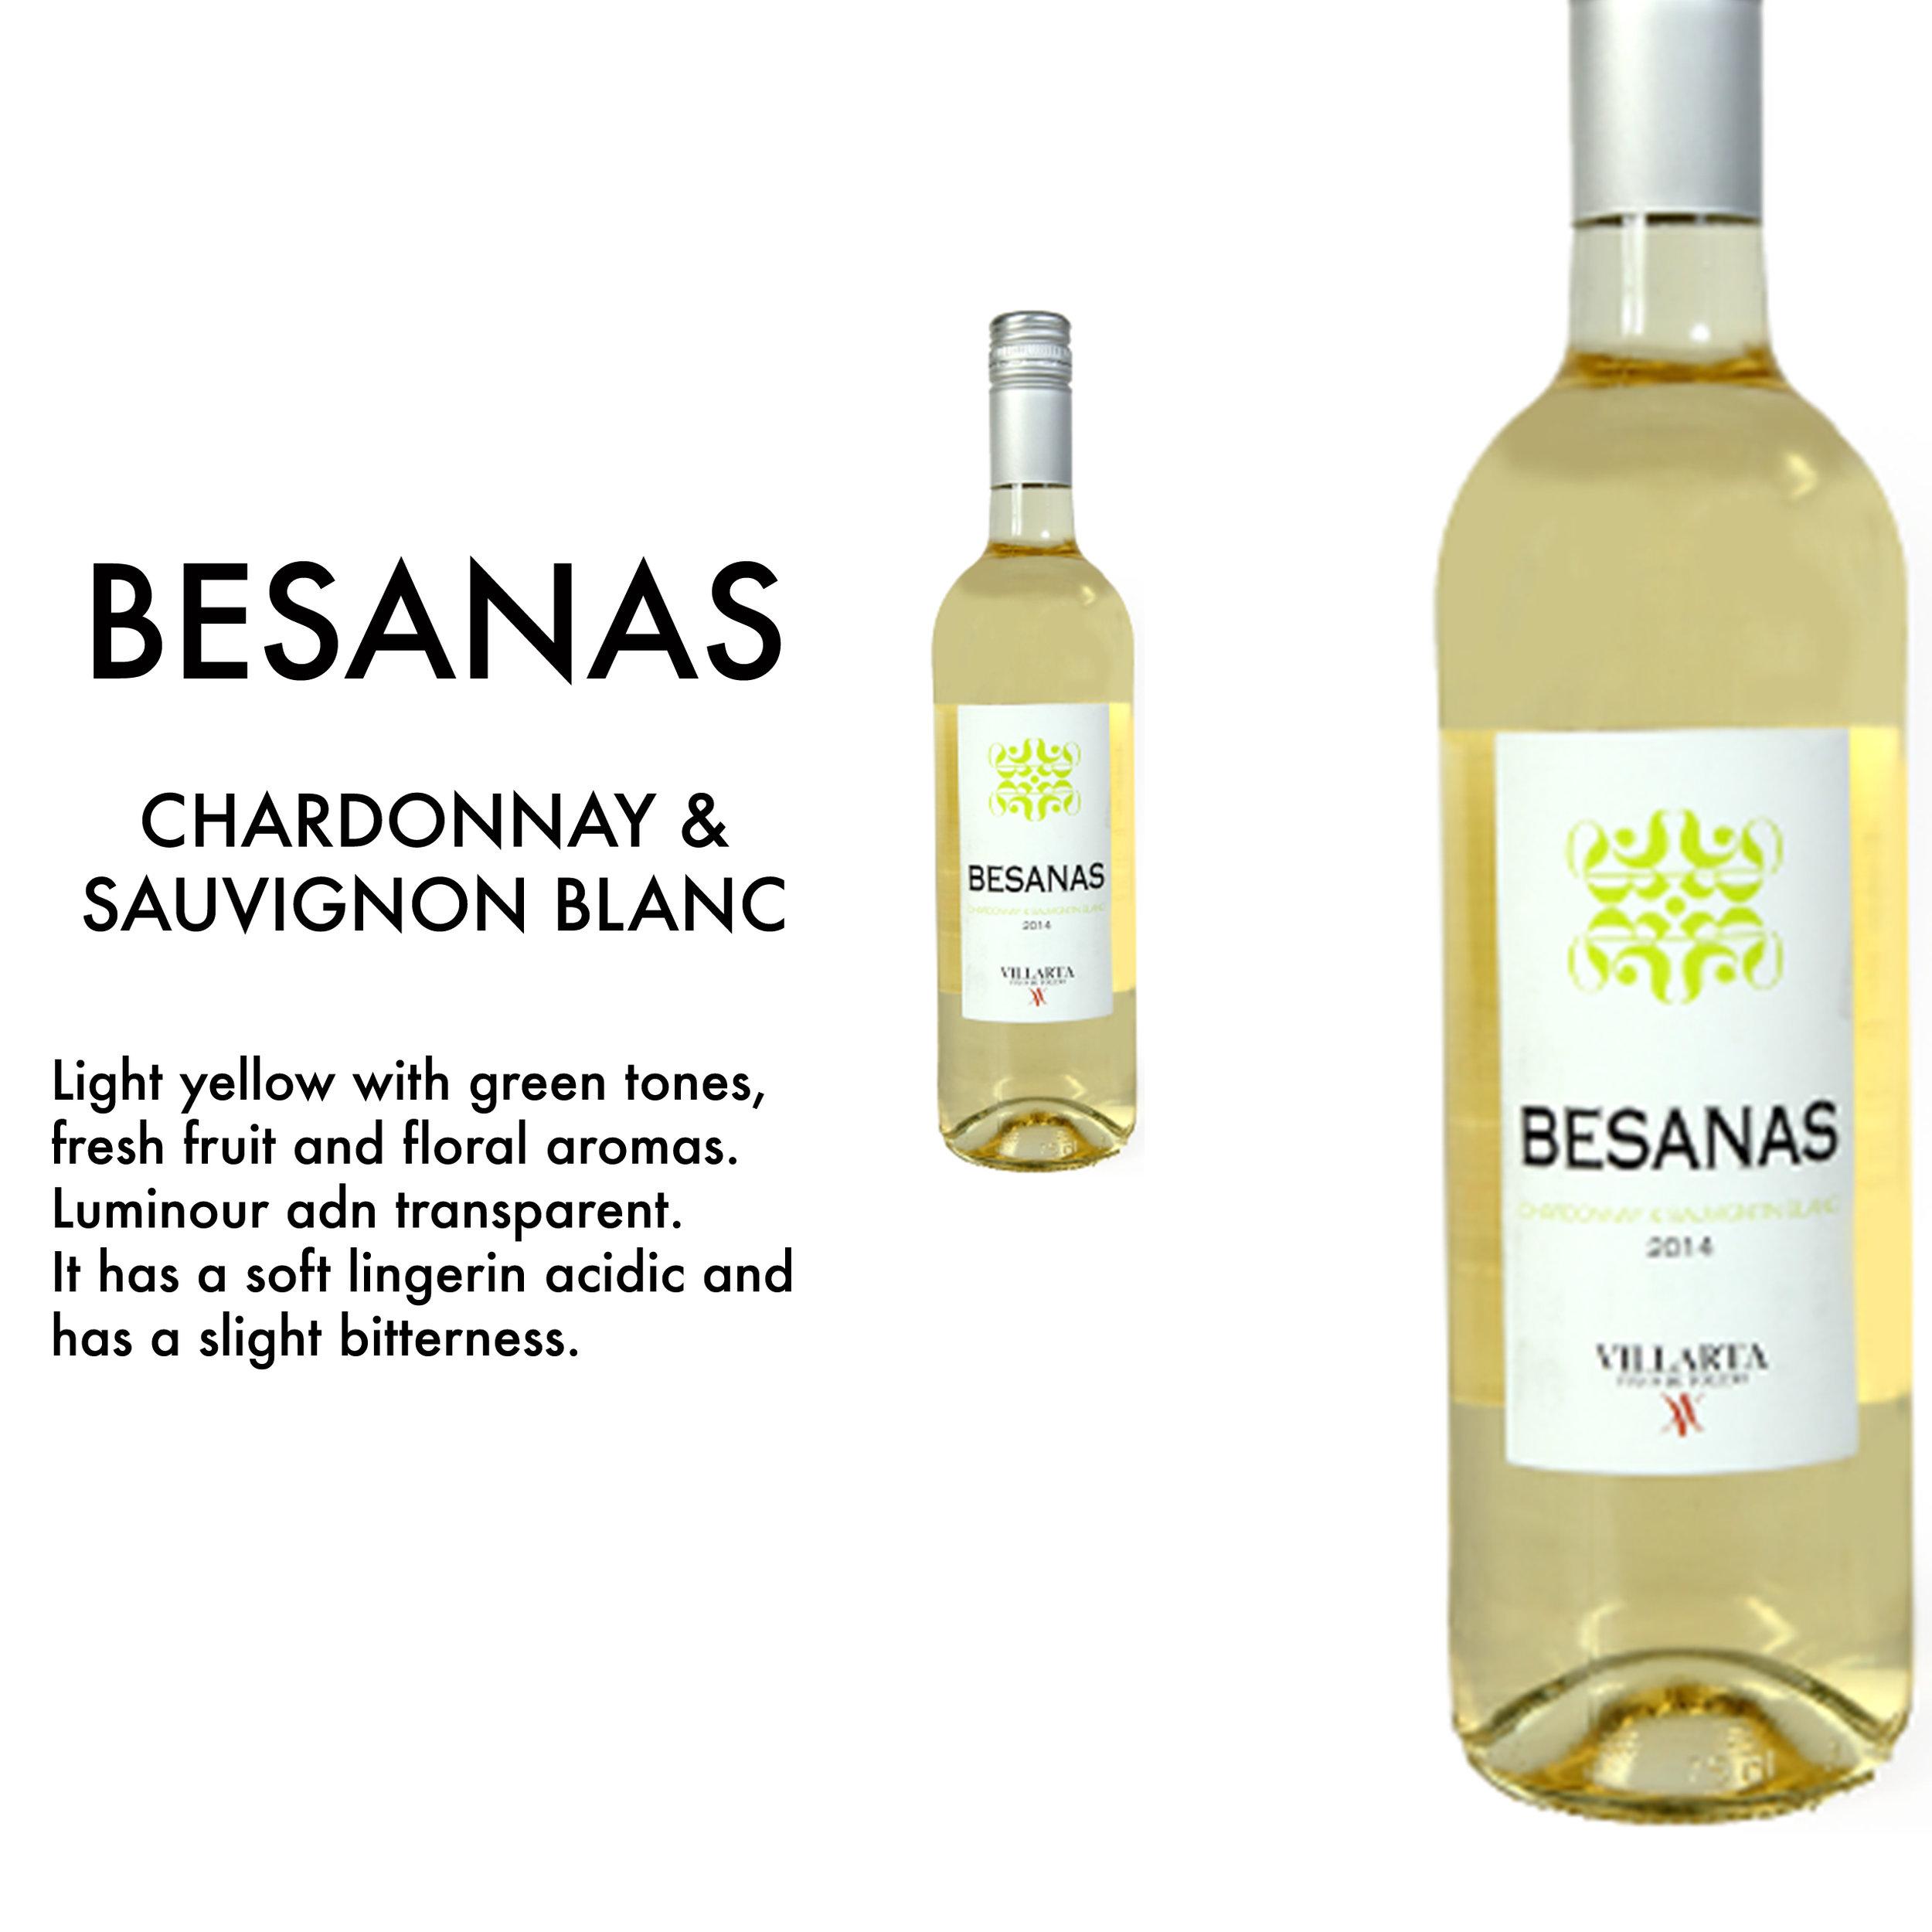 besanas.white.jpg